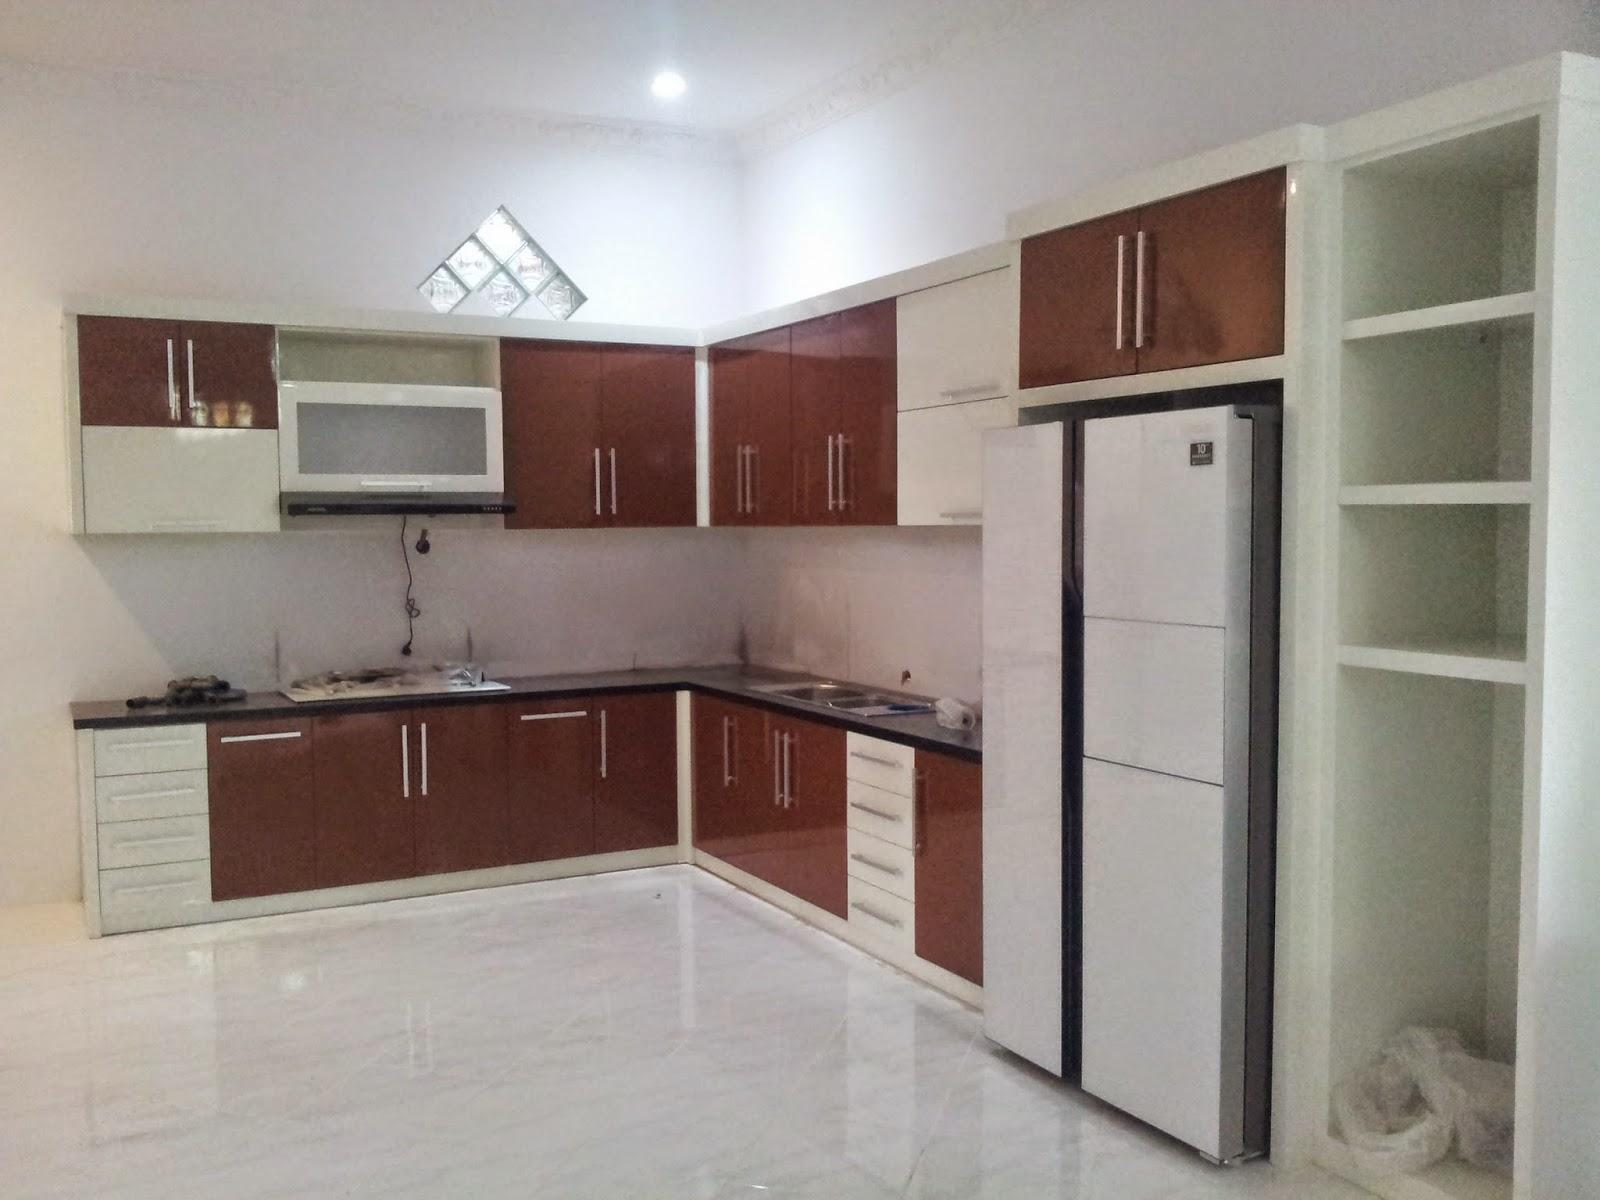 Pembuatan Interior Balikpapan Jasa Pembuatan Kitchen Set Di Balikpapan